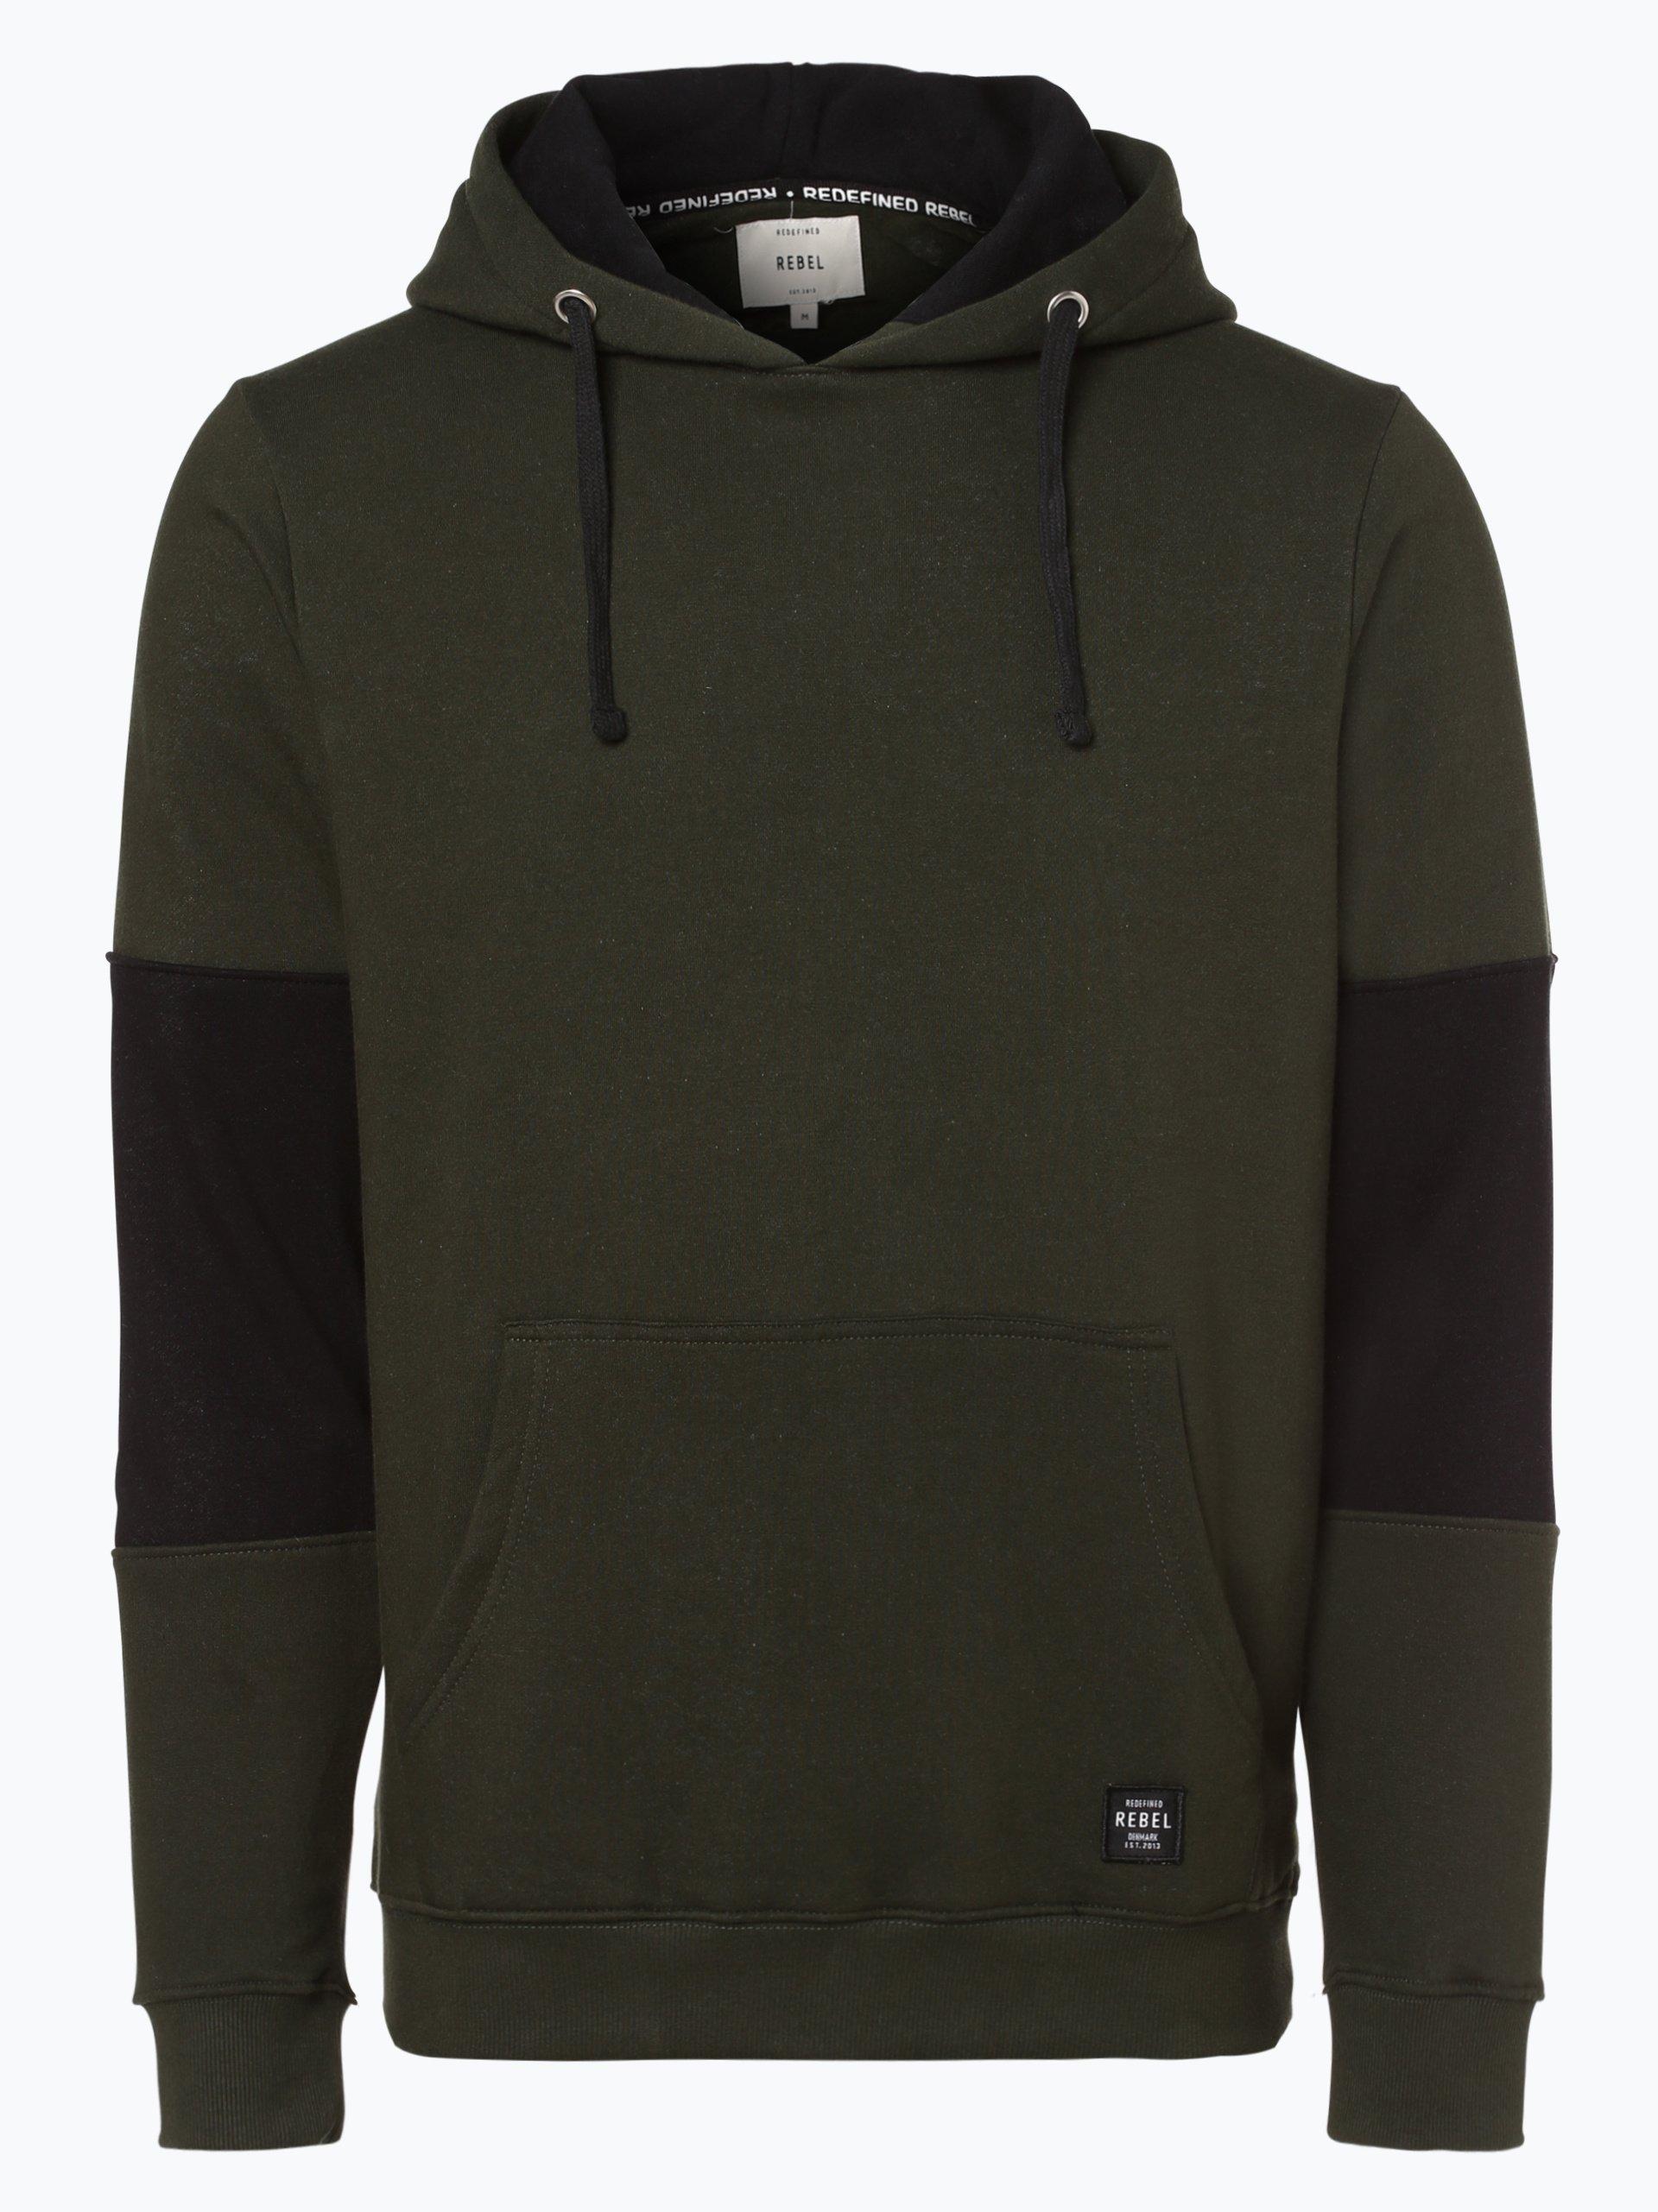 Redefined Rebel Herren Sweatshirt - Lyon